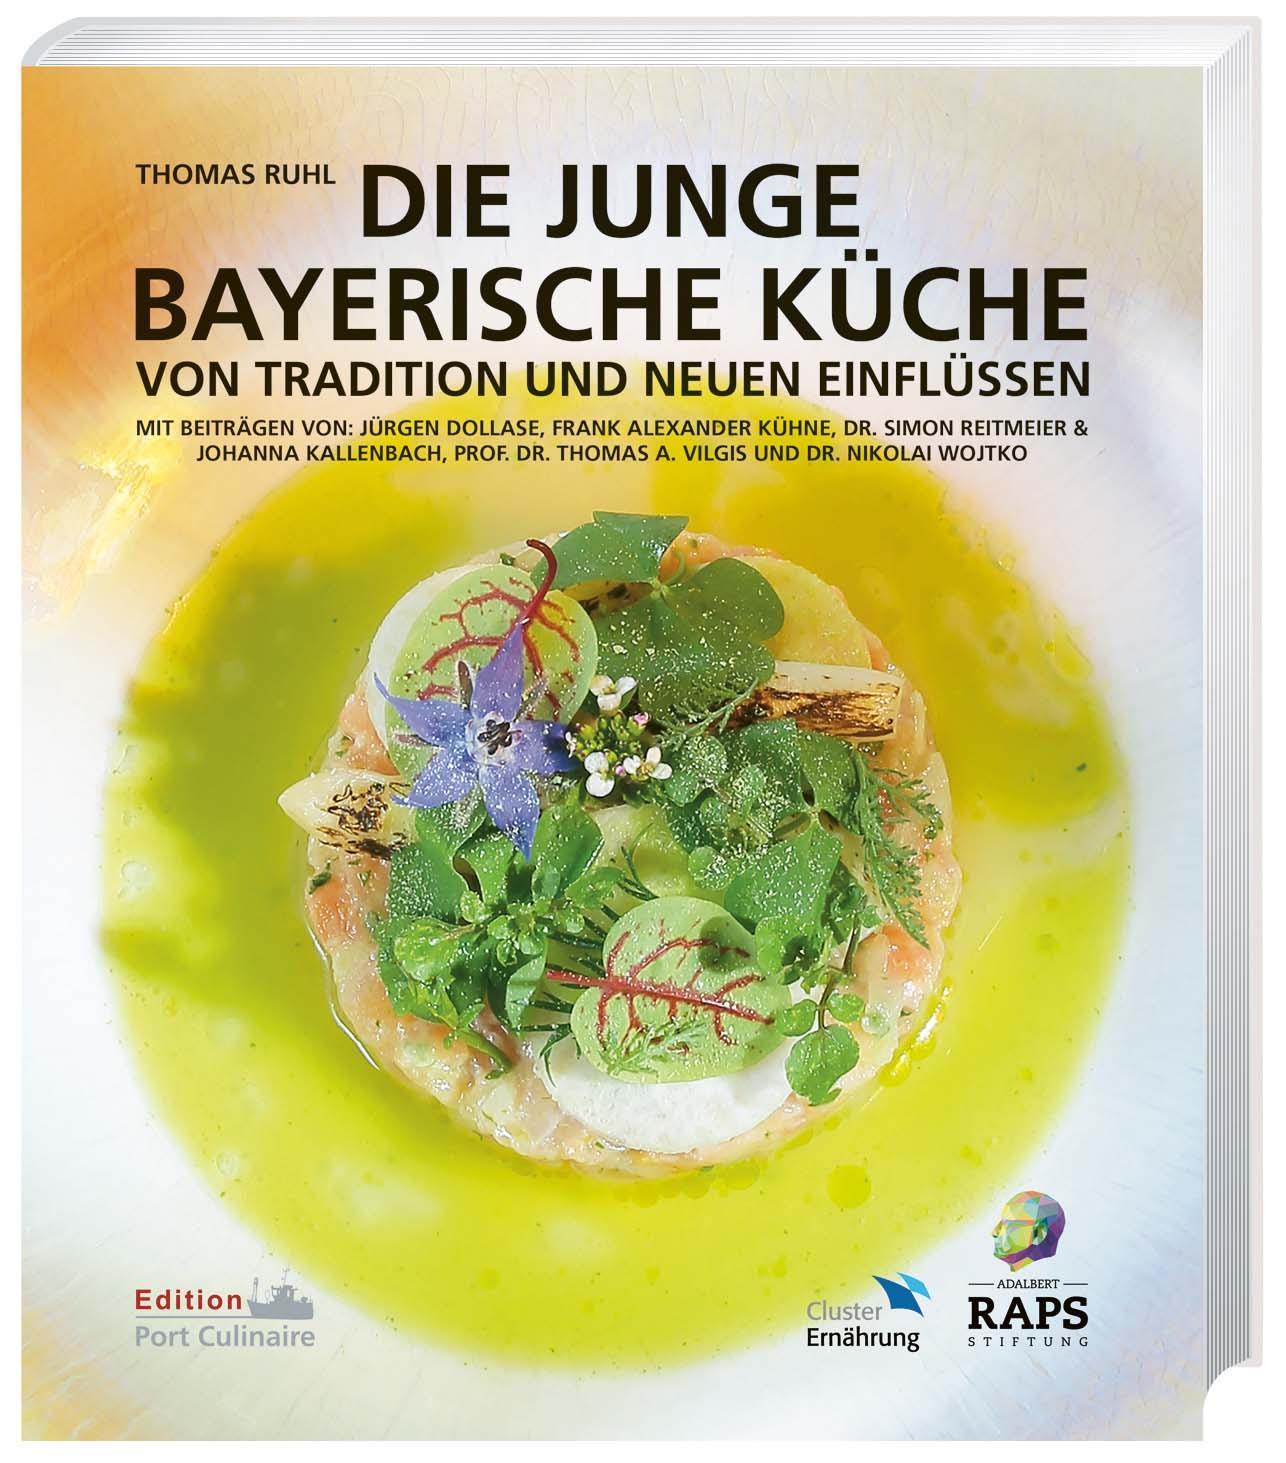 Dehoga_0221_ST_Transformation der bayrischen Küche_Buchcover_RGB